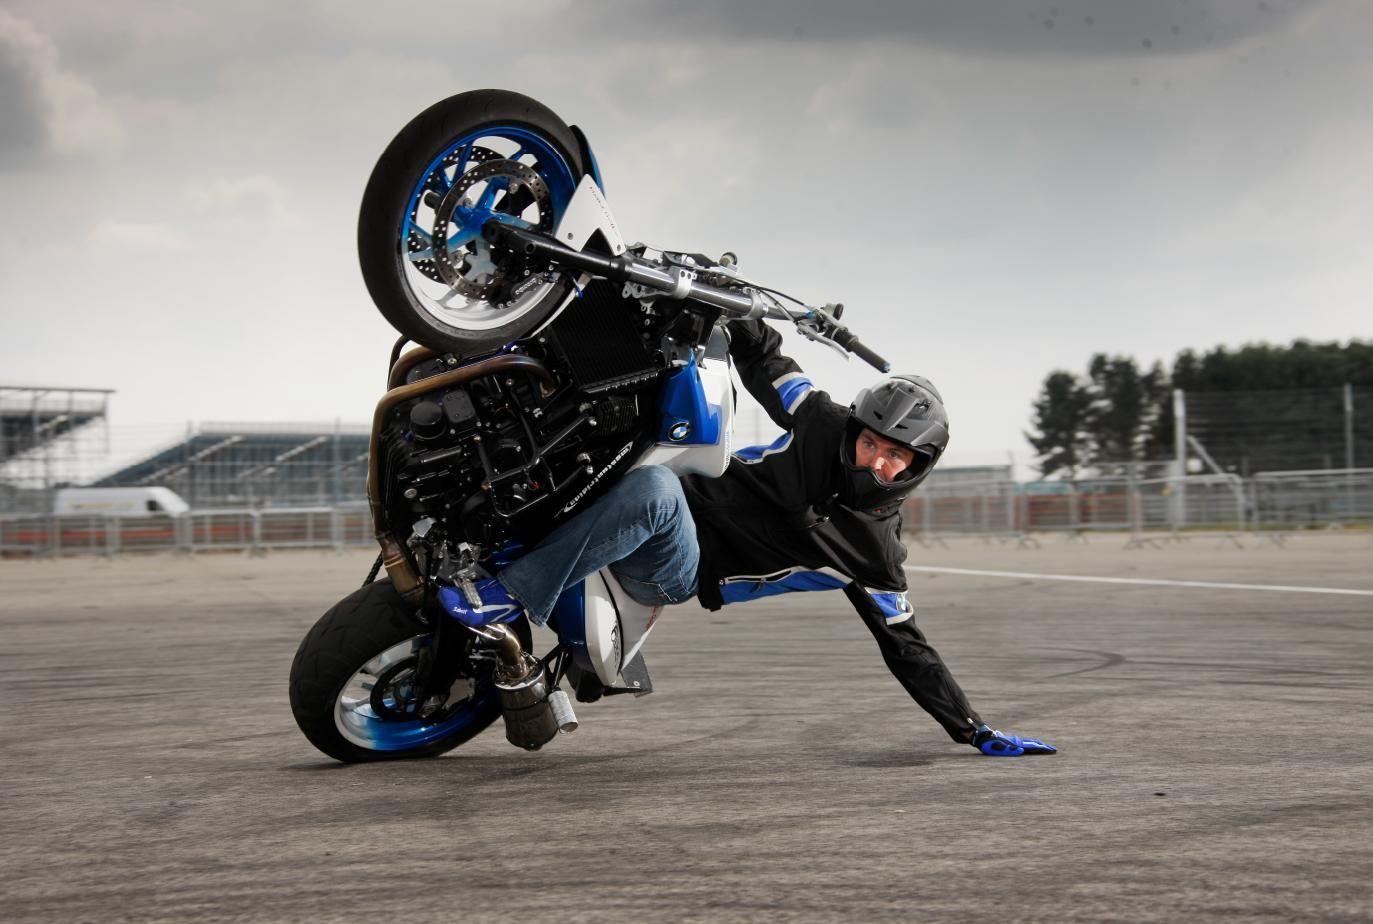 New Bmw Motorrad Stunt Rider Mattie Griffin Will Make His Riding